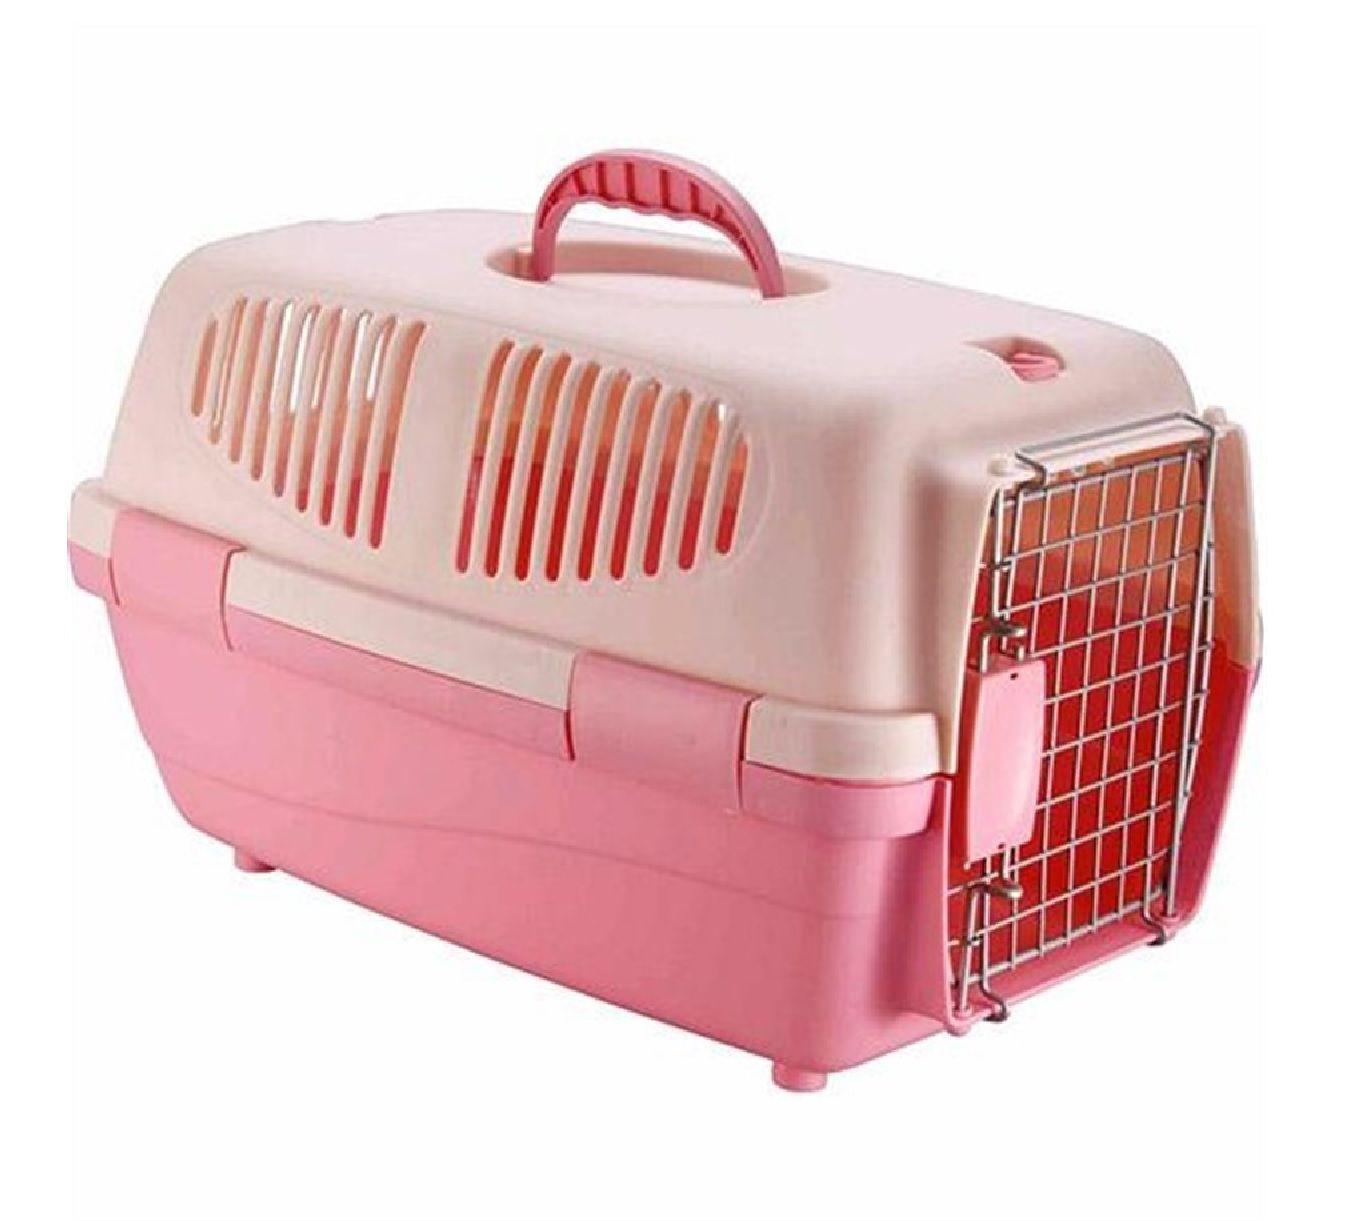 Caixa de Transporte Gulliver - N1 - Rosa